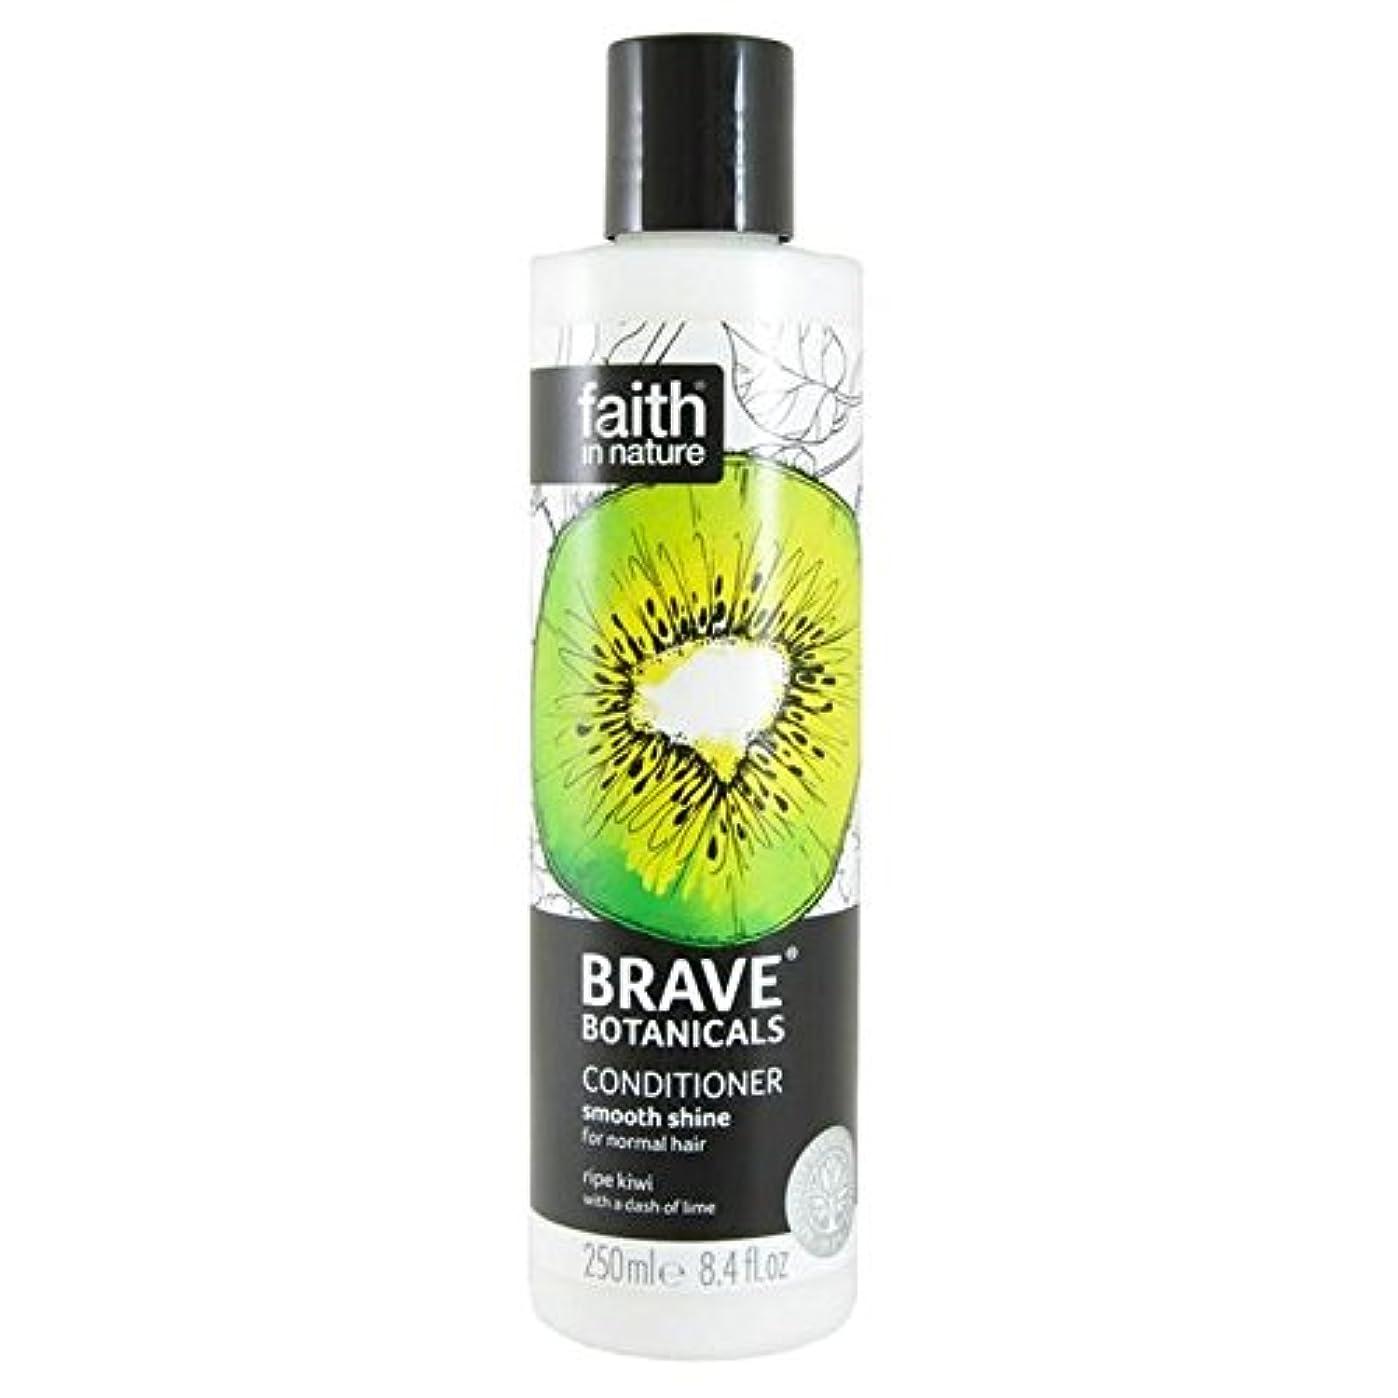 インターネット愛国的な甘味Brave Botanicals Kiwi & Lime Smooth Shine Conditioner 250ml - (Faith In Nature) 勇敢な植物キウイ&ライムなめらかな輝きコンディショナー250Ml...